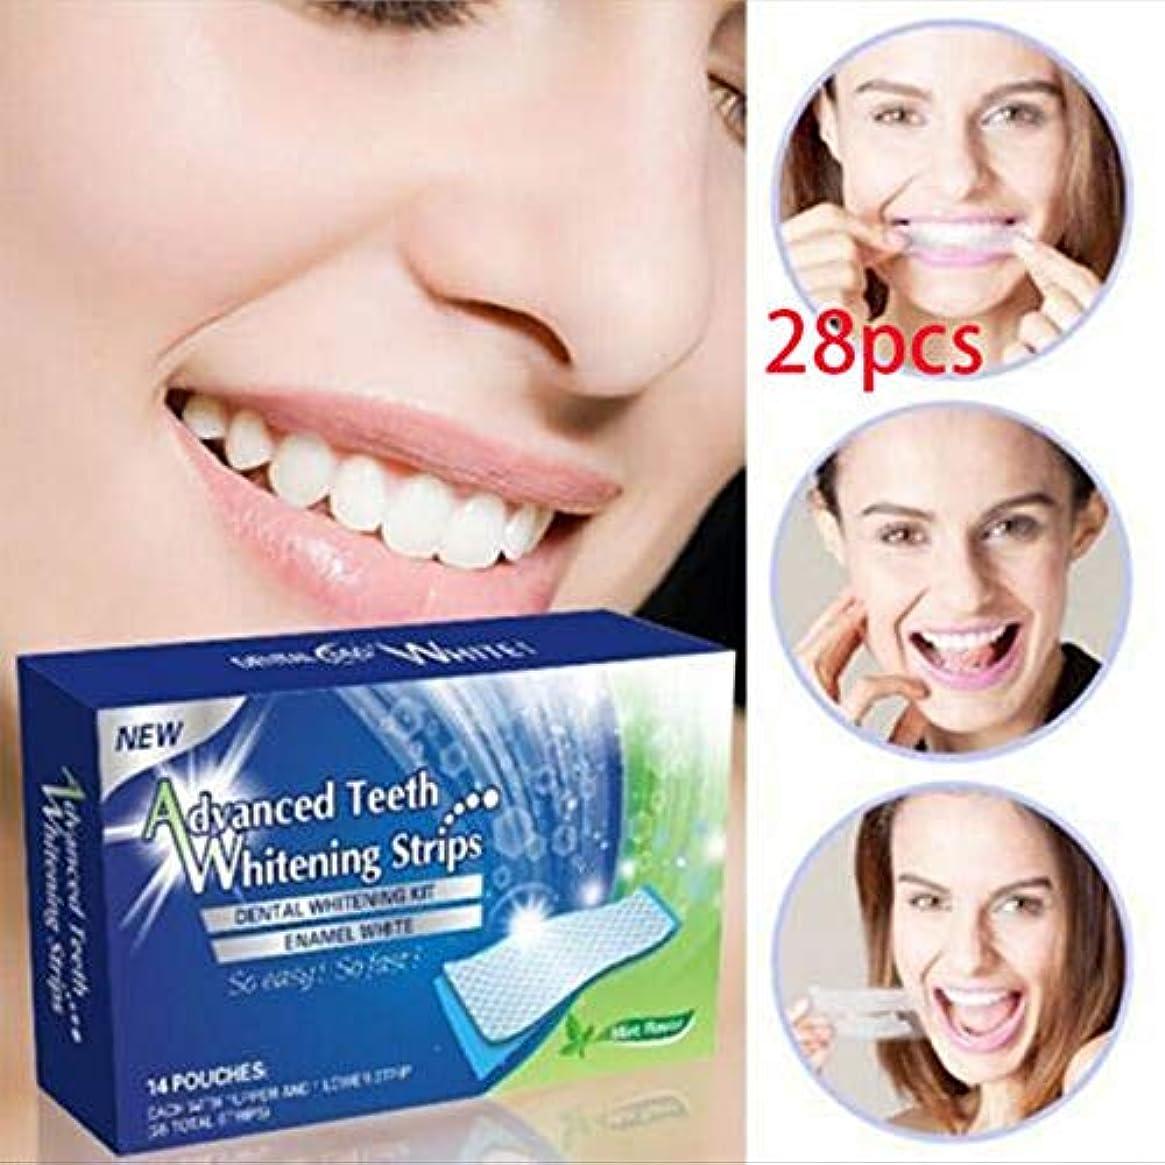 櫛嘆くオペレーター歯 美白 ホワイトニング マニキュア 歯ケア 歯のホワイトニング 美白歯磨き 歯を白 ホワイトニングテープ 歯を漂白 14セット/28枚